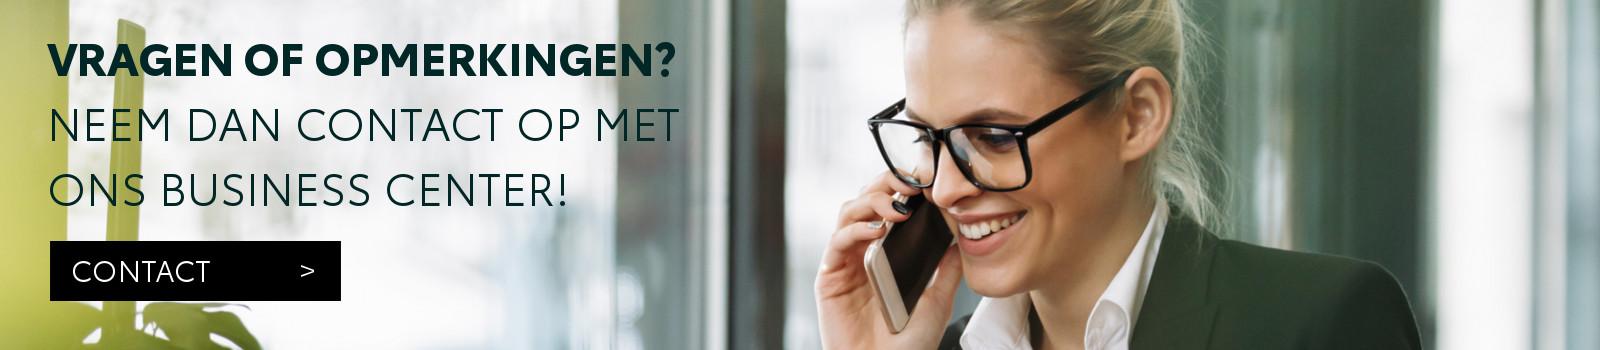 Mengelers Business Center Limburg - Contact